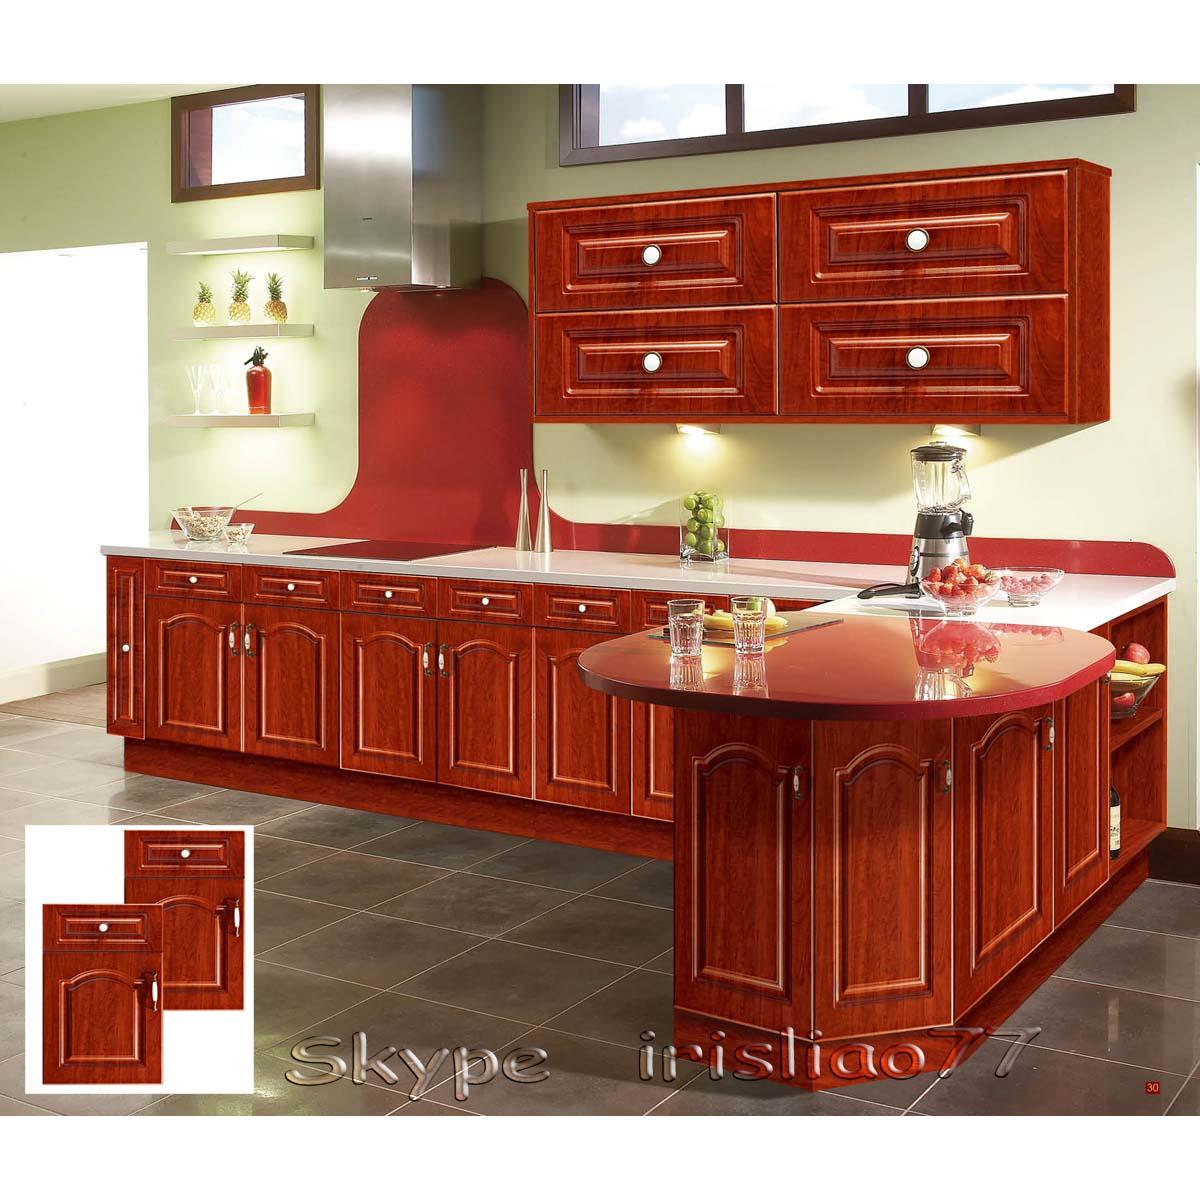 Projeto do armário de cozinha em madeira maciça Armários de cozinha  #7E2917 1200 1200